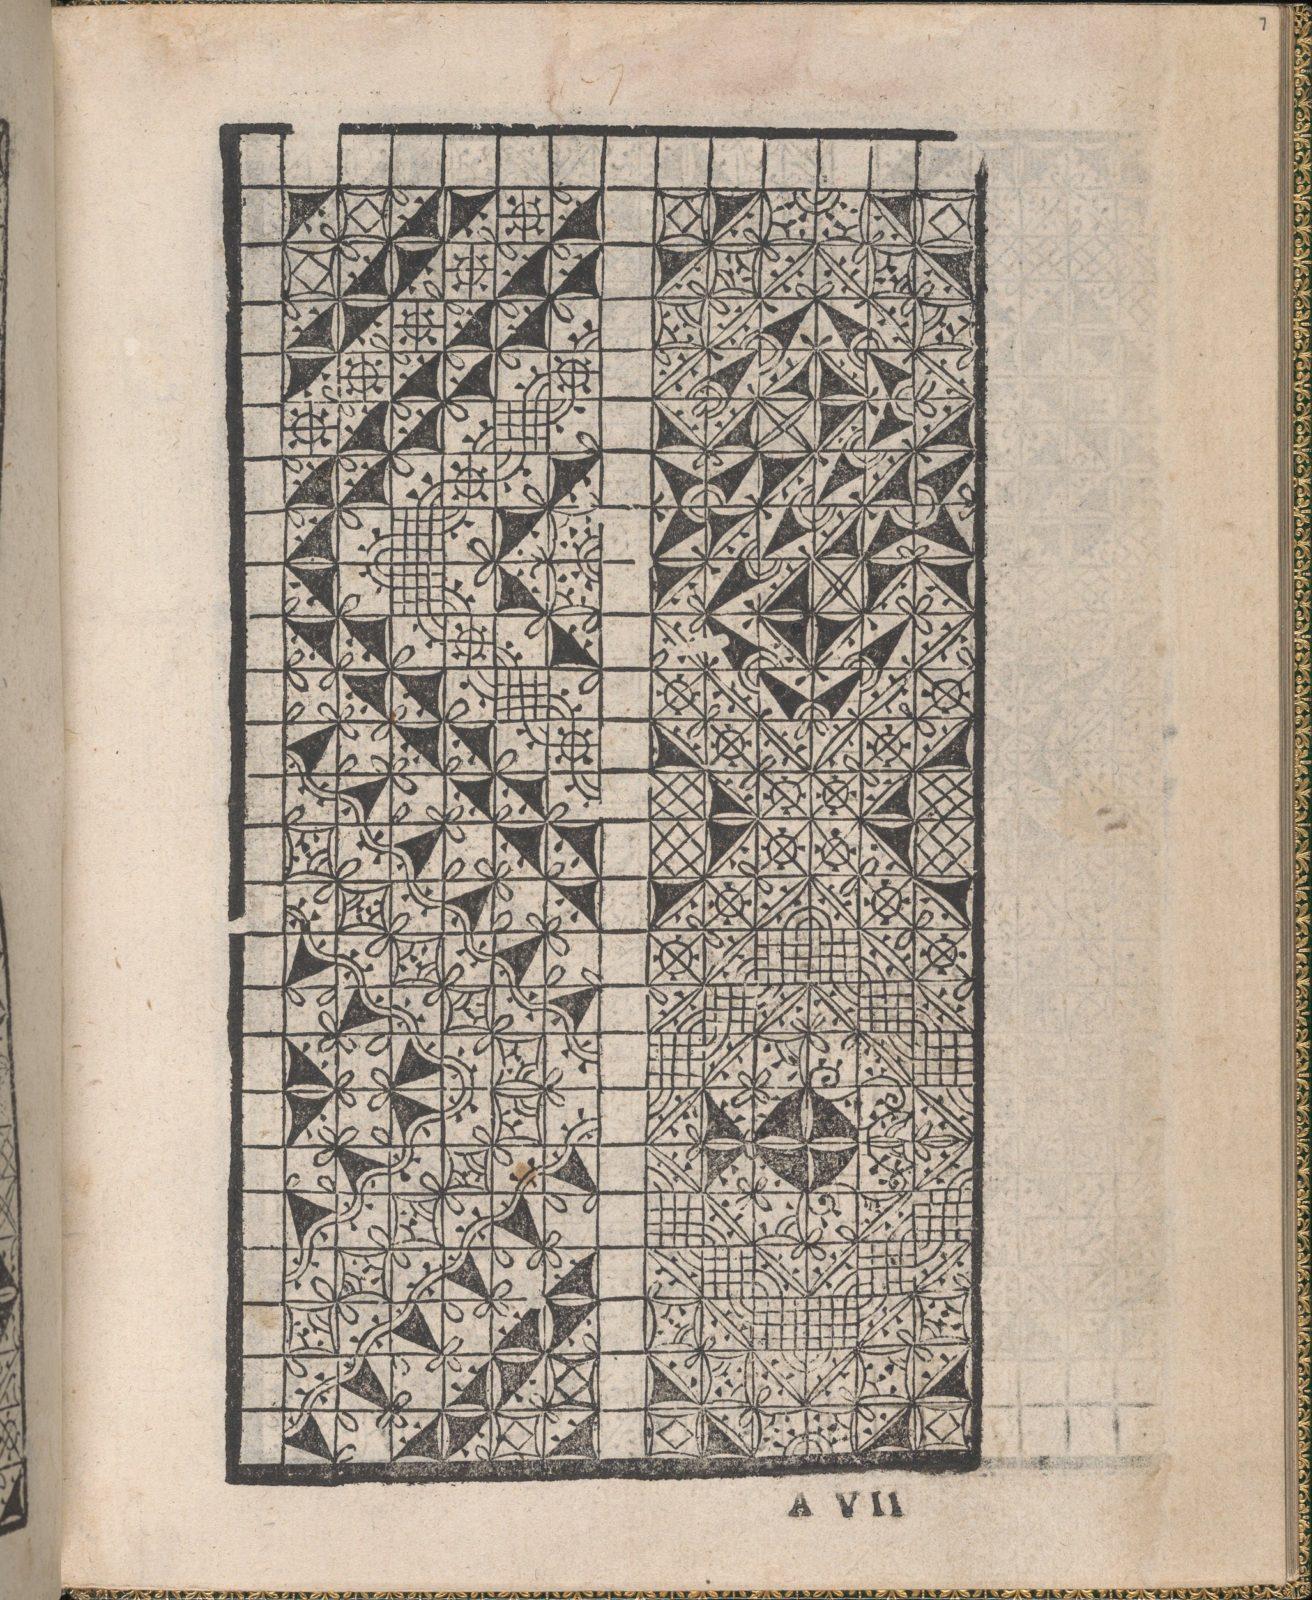 Ornamento delle belle & virtuose donne, page 4 (verso)